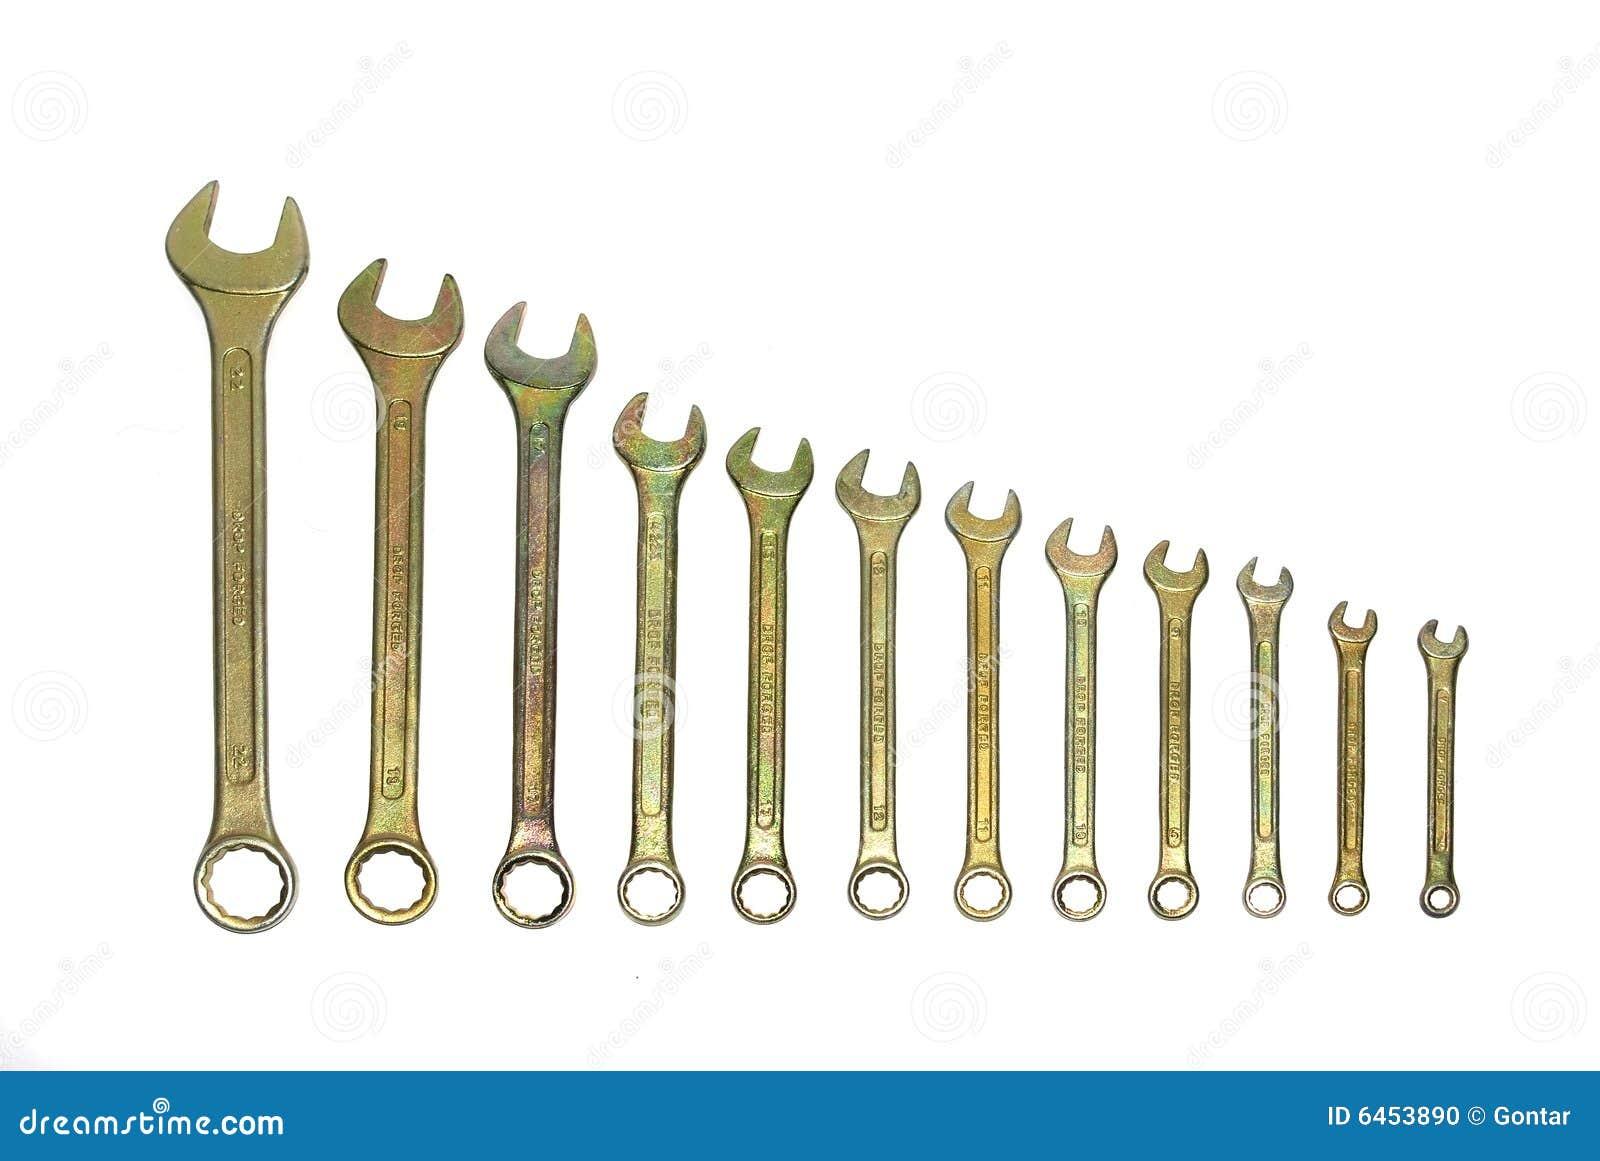 Conjunto de llaves